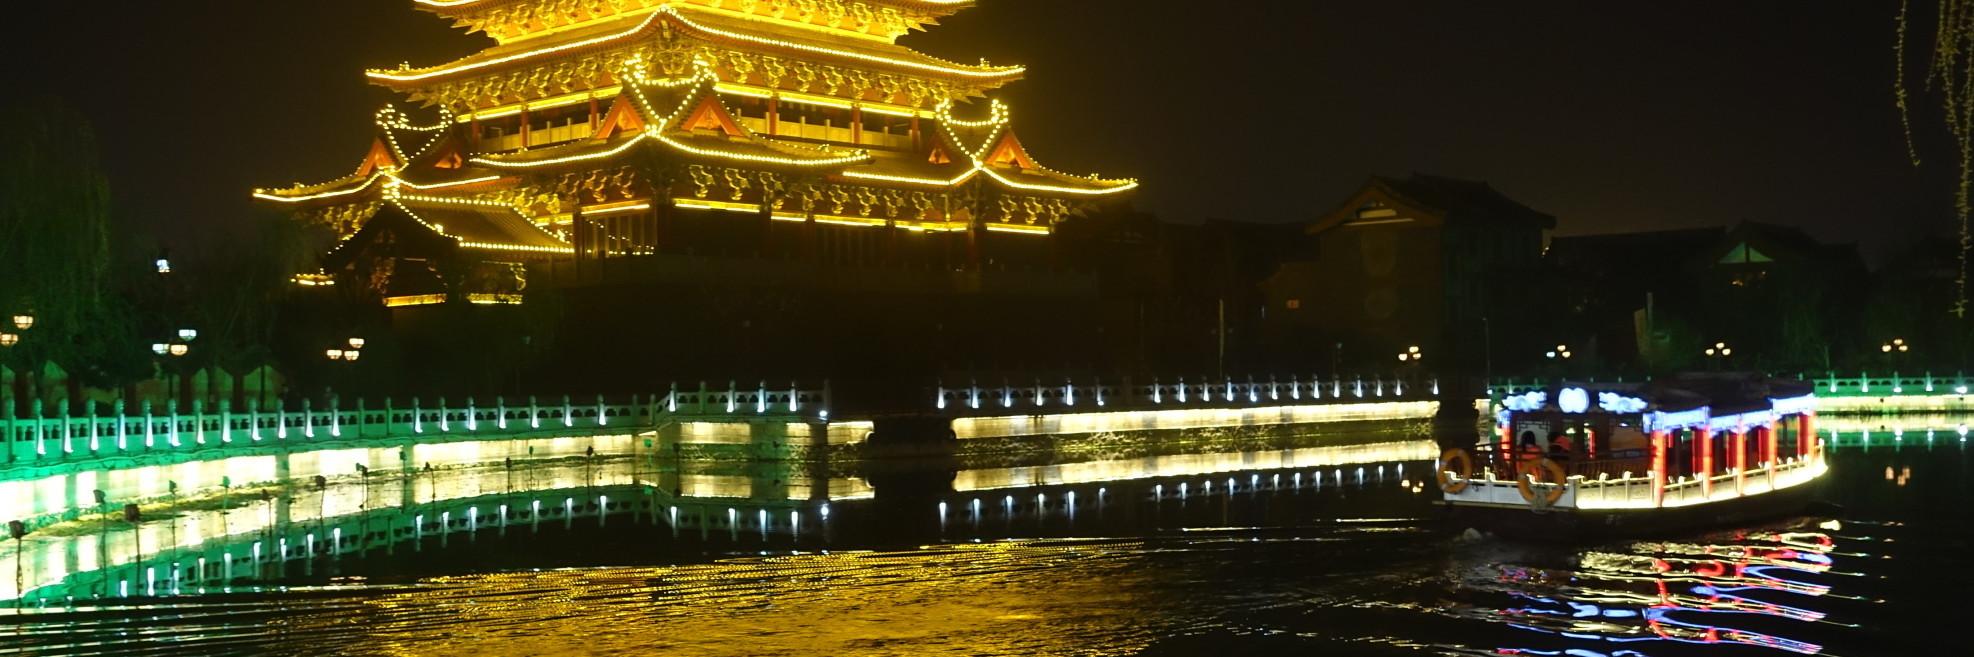 船游开封大宋御河,领略水波淼渺璀璨华灯